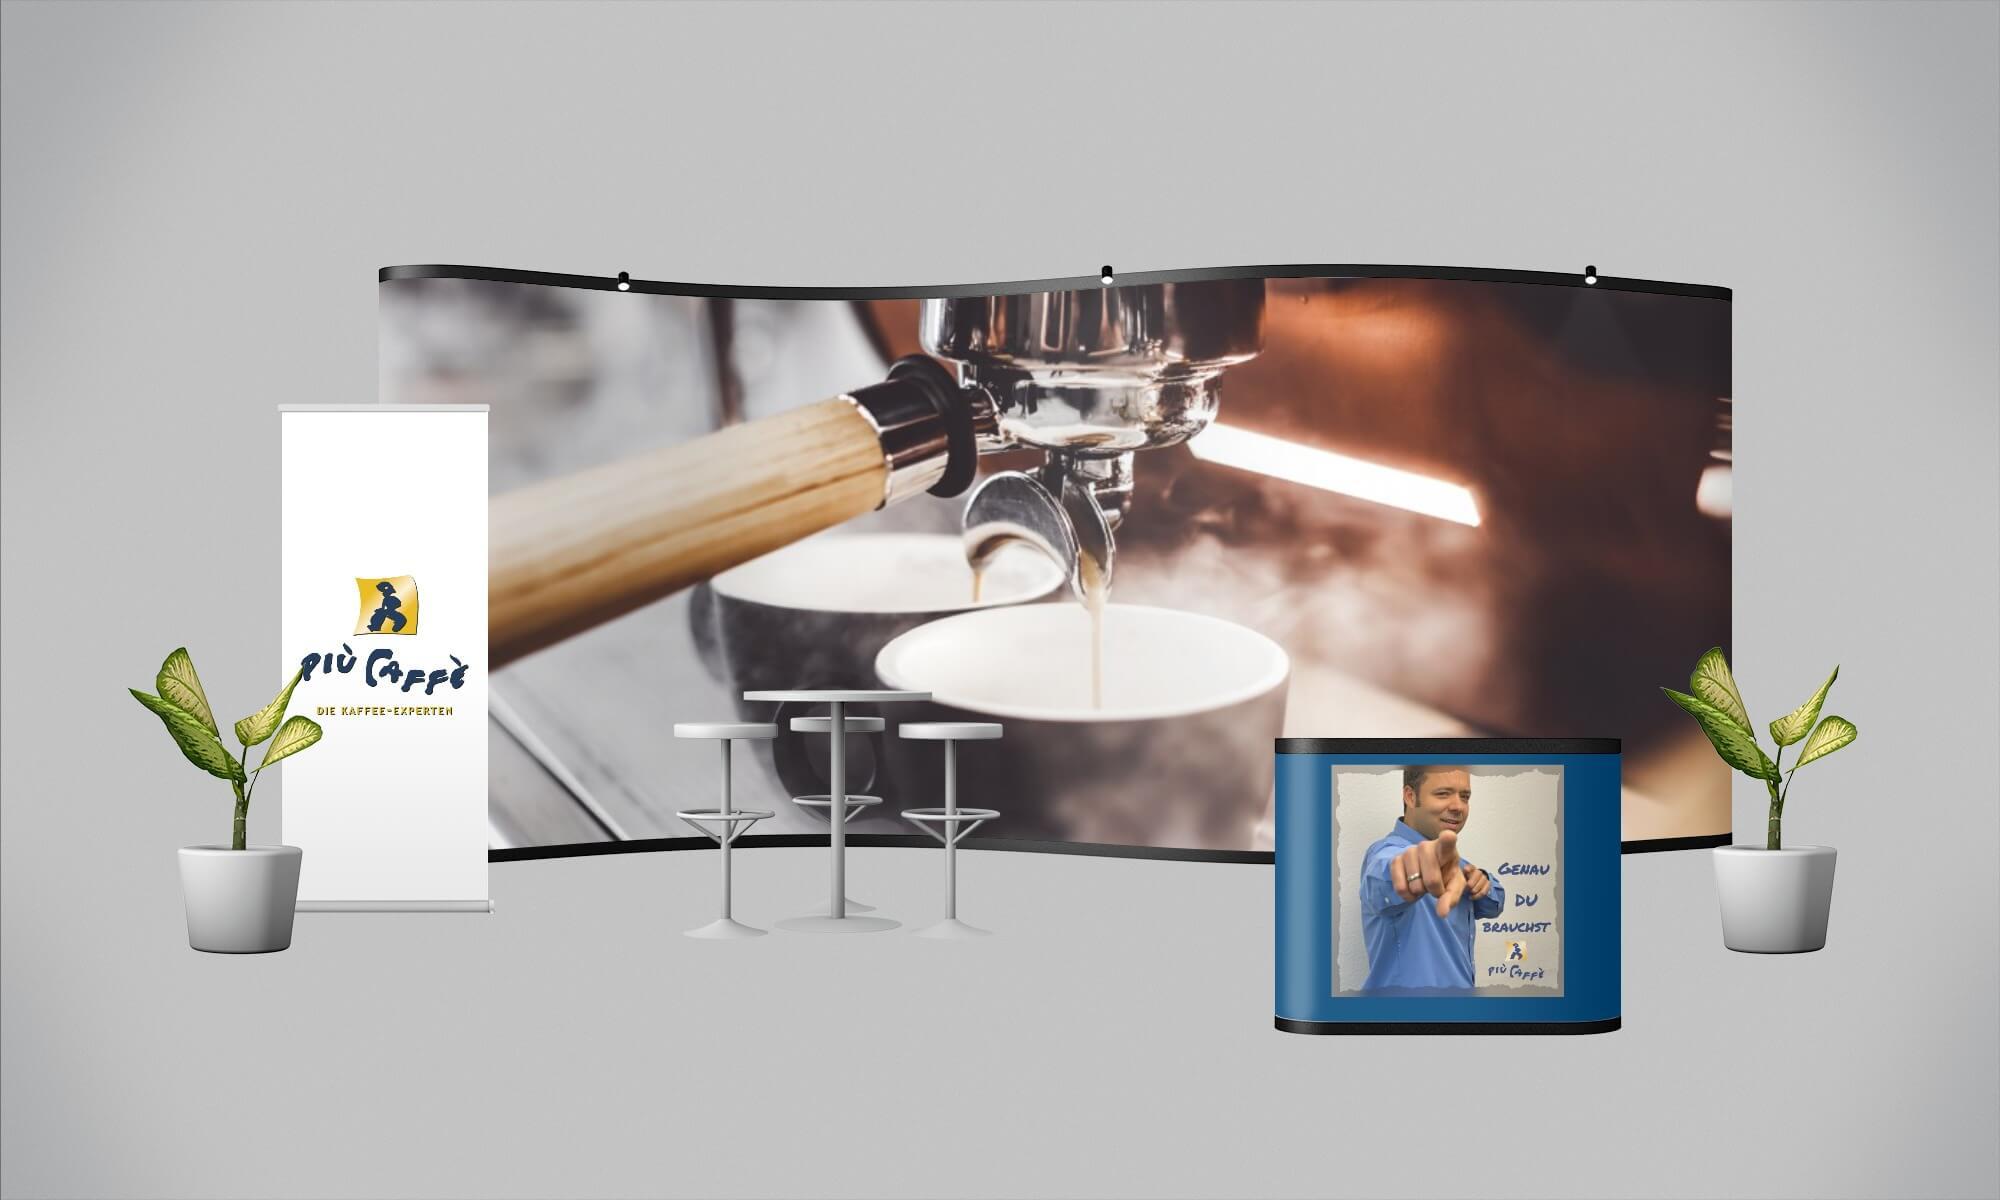 più caffè Deutschland GmbH